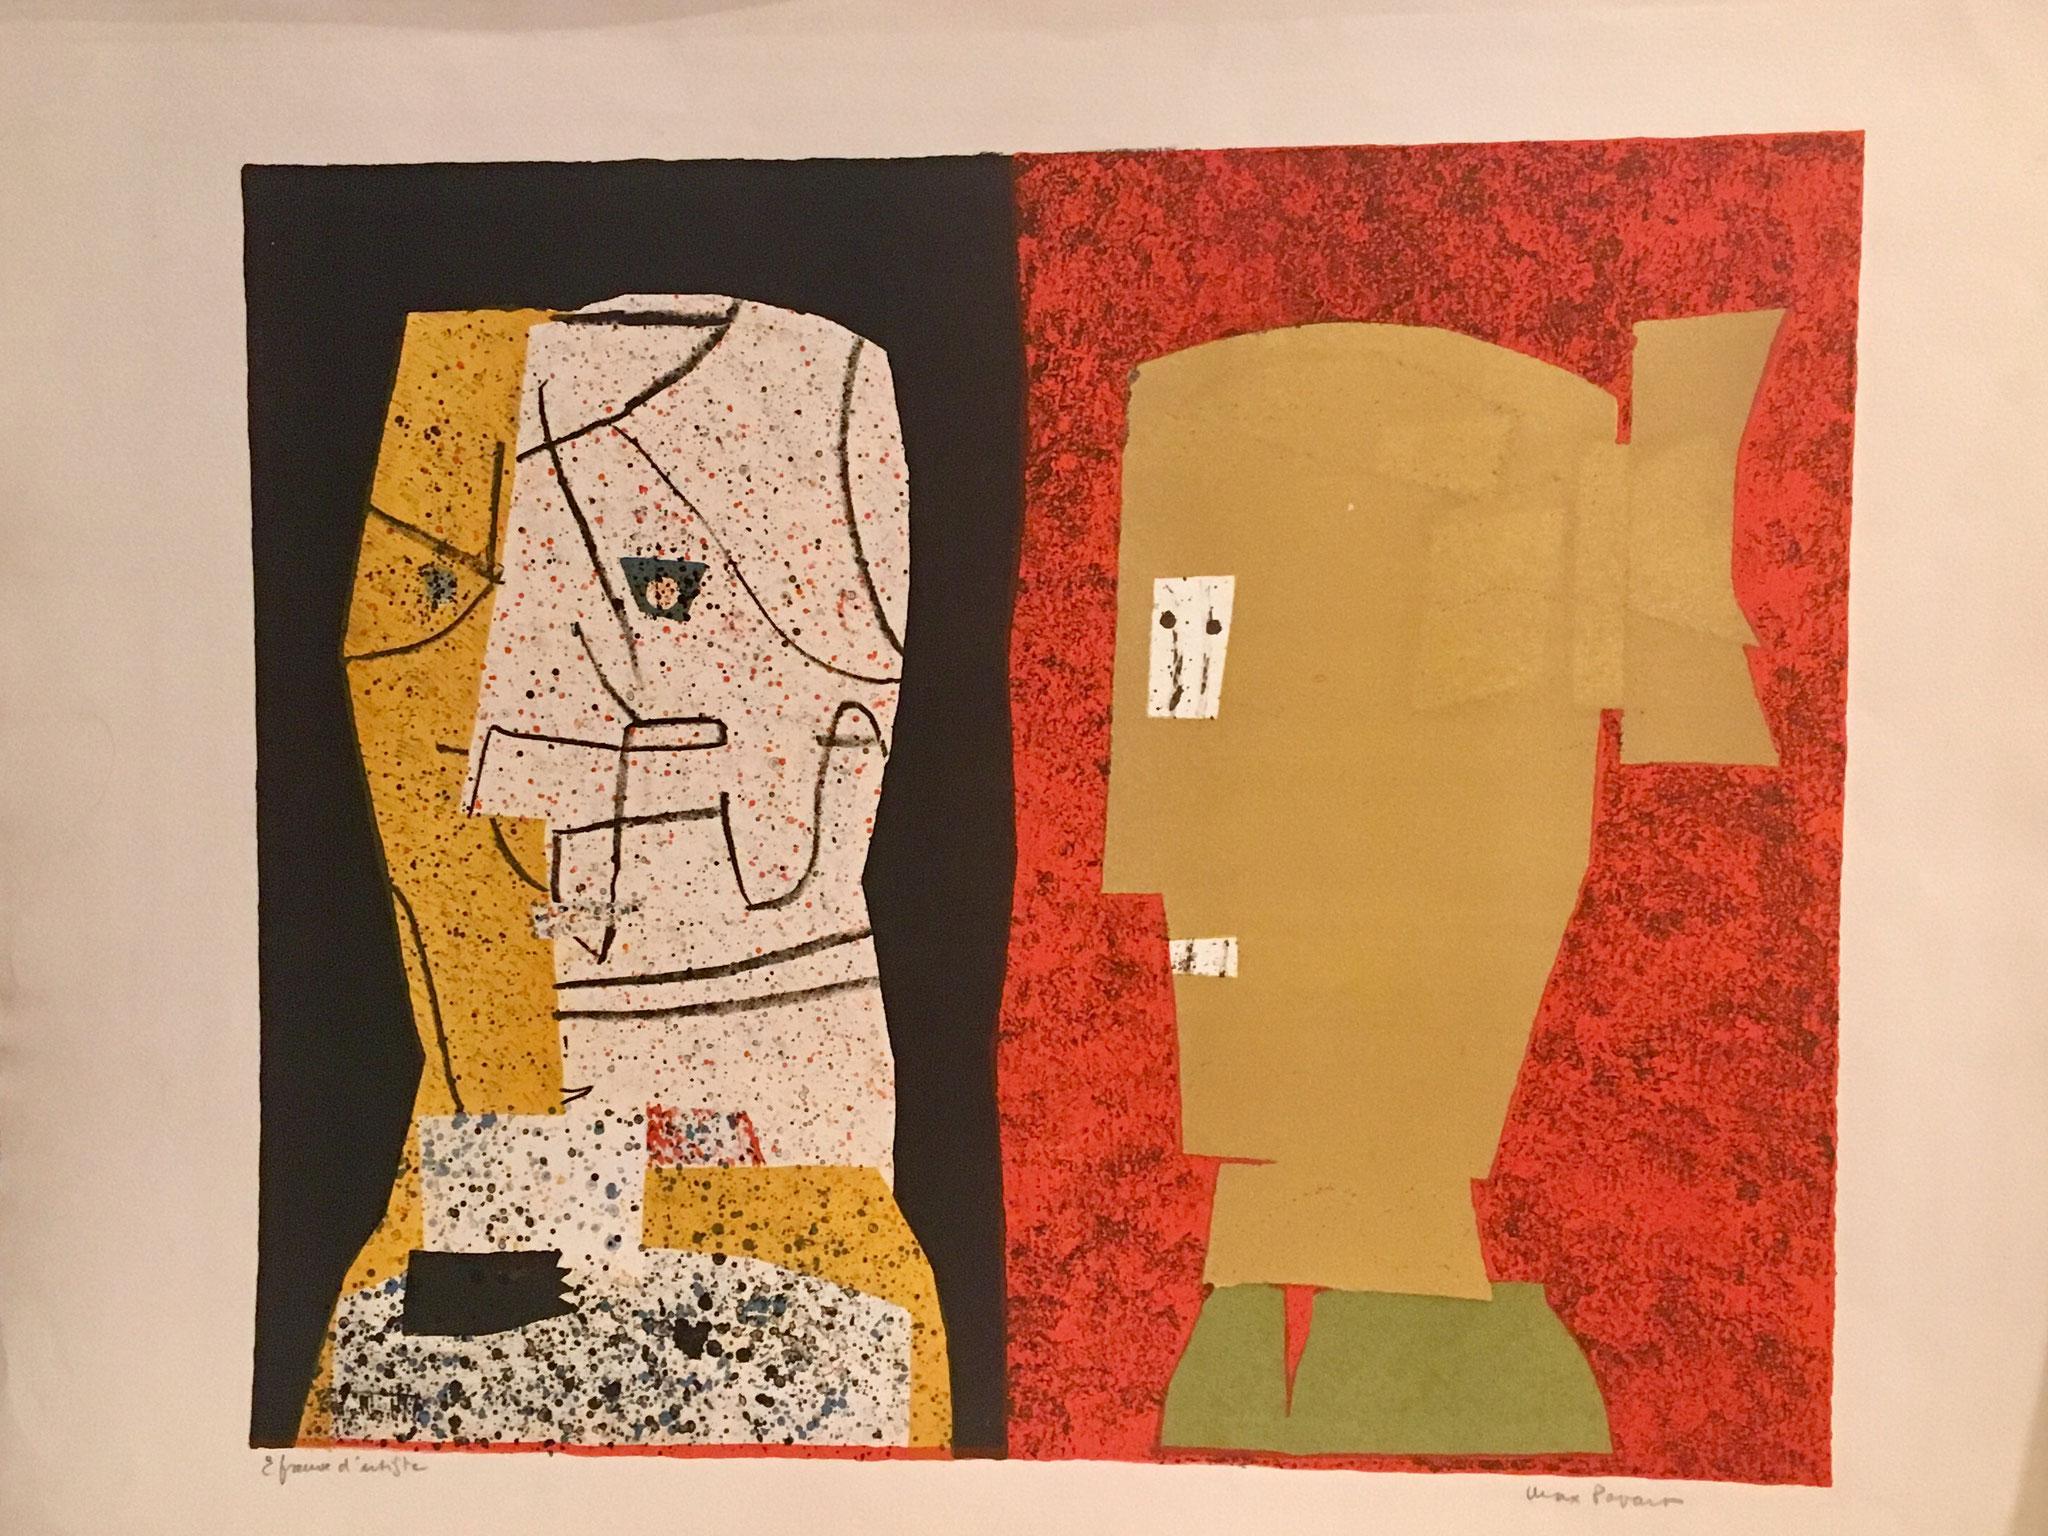 Max Papart : la lettre, 1968 catn°2, lithographie, signée et justifiée  épreuve d'artiste, 56,5x73 cm